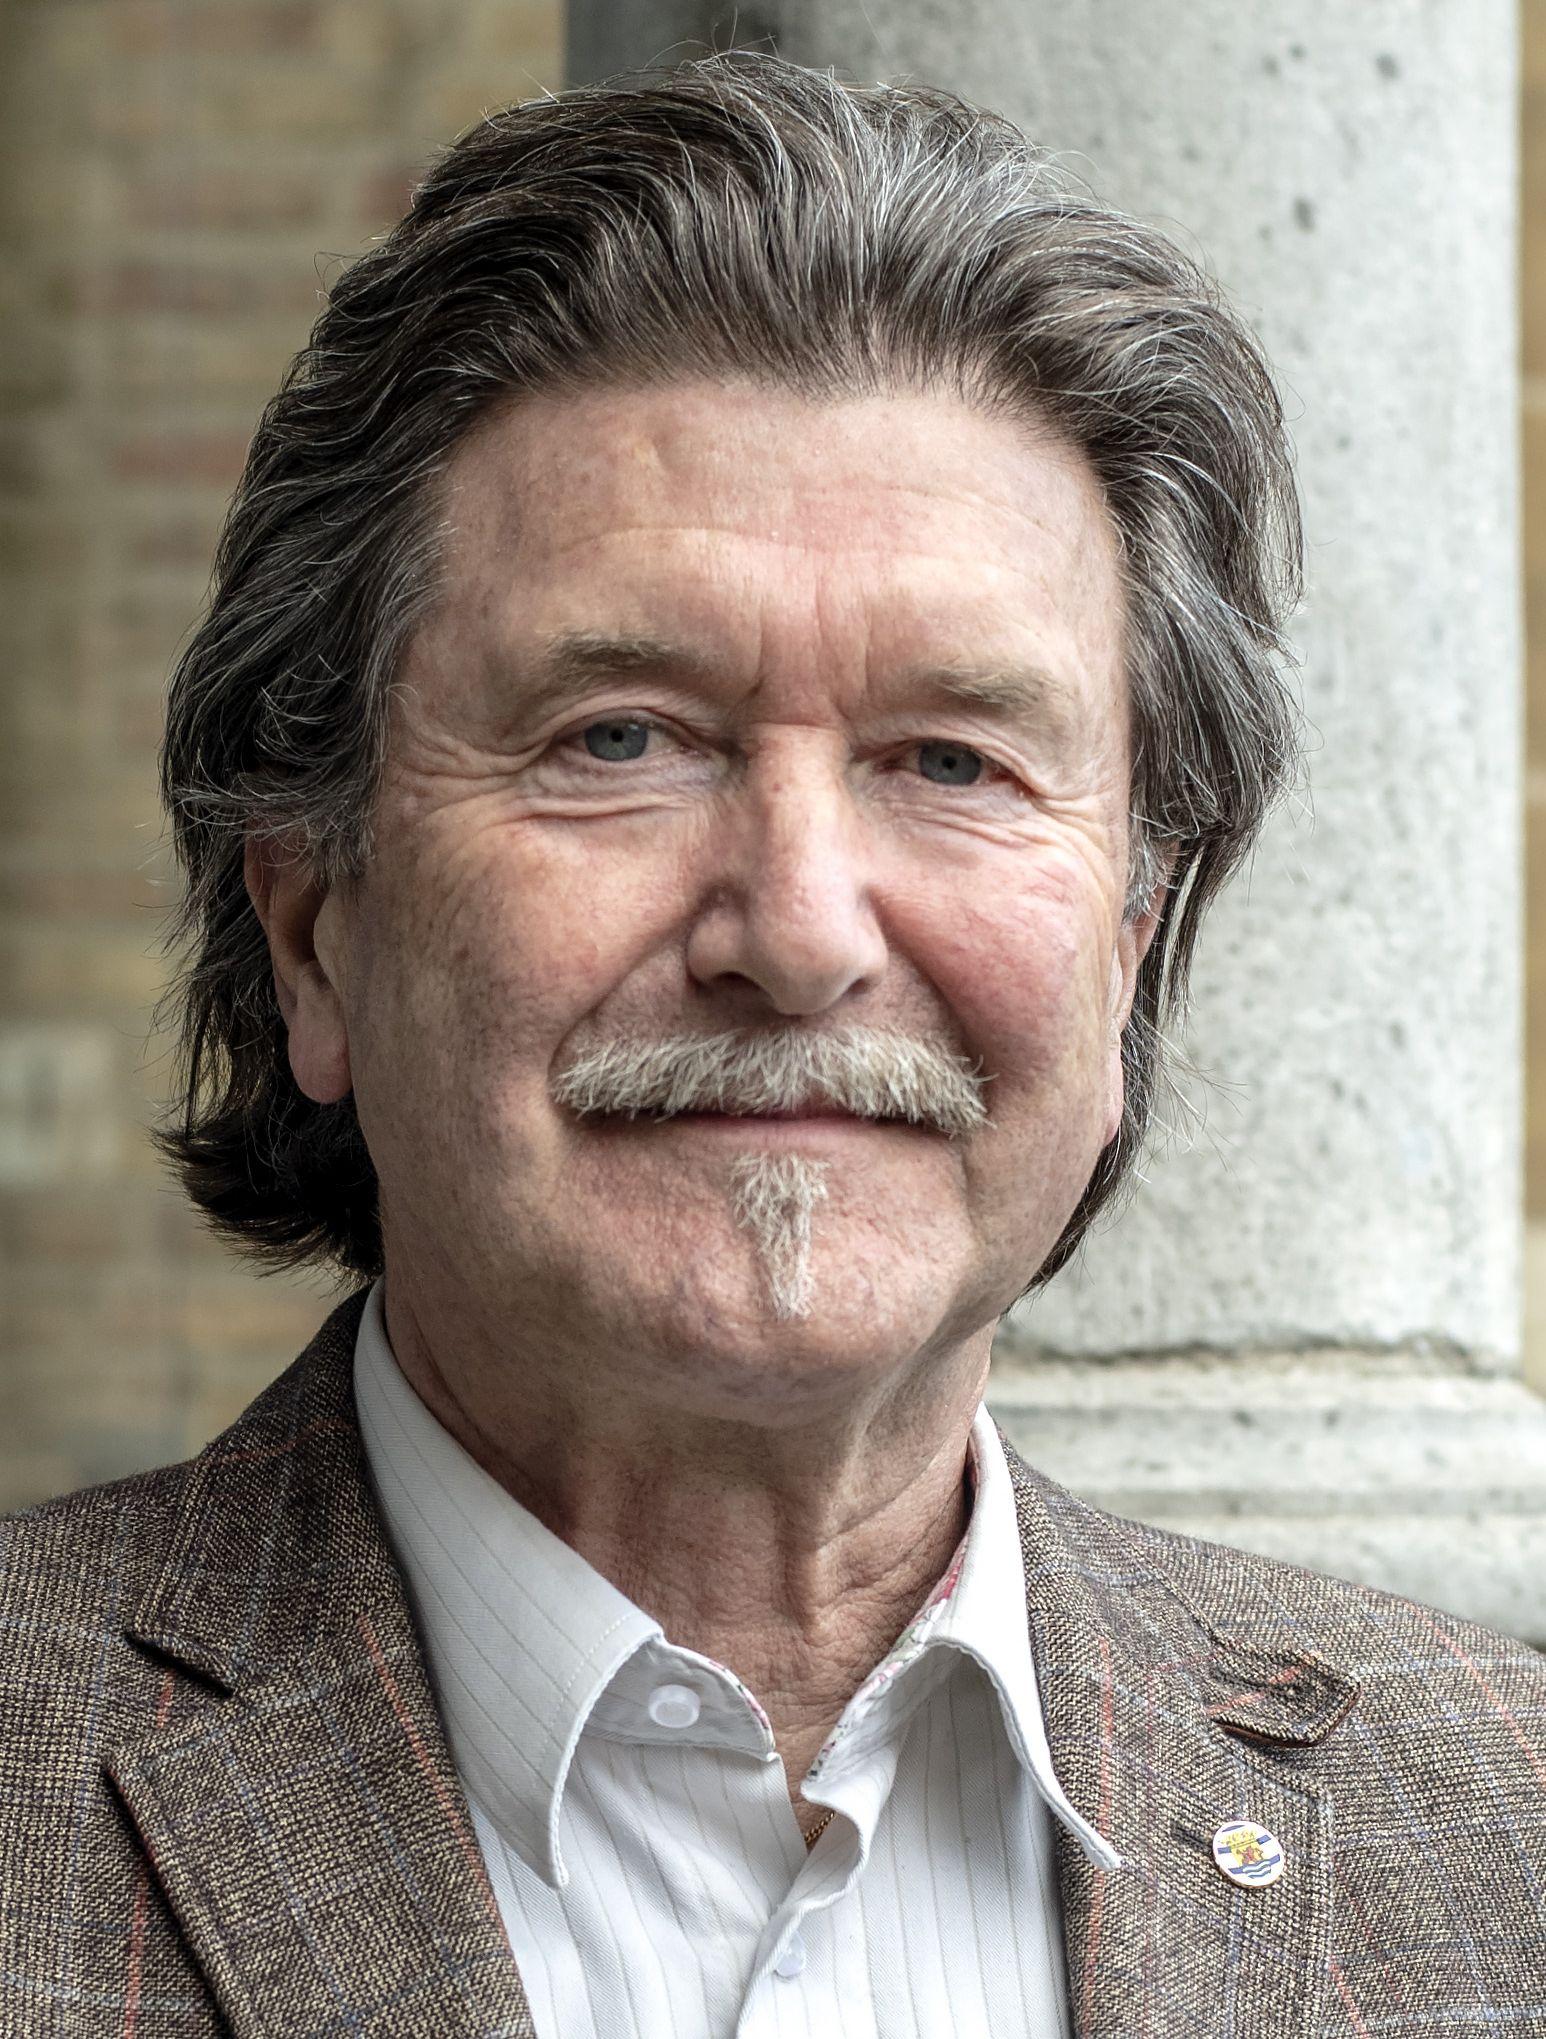 Willem Willemse